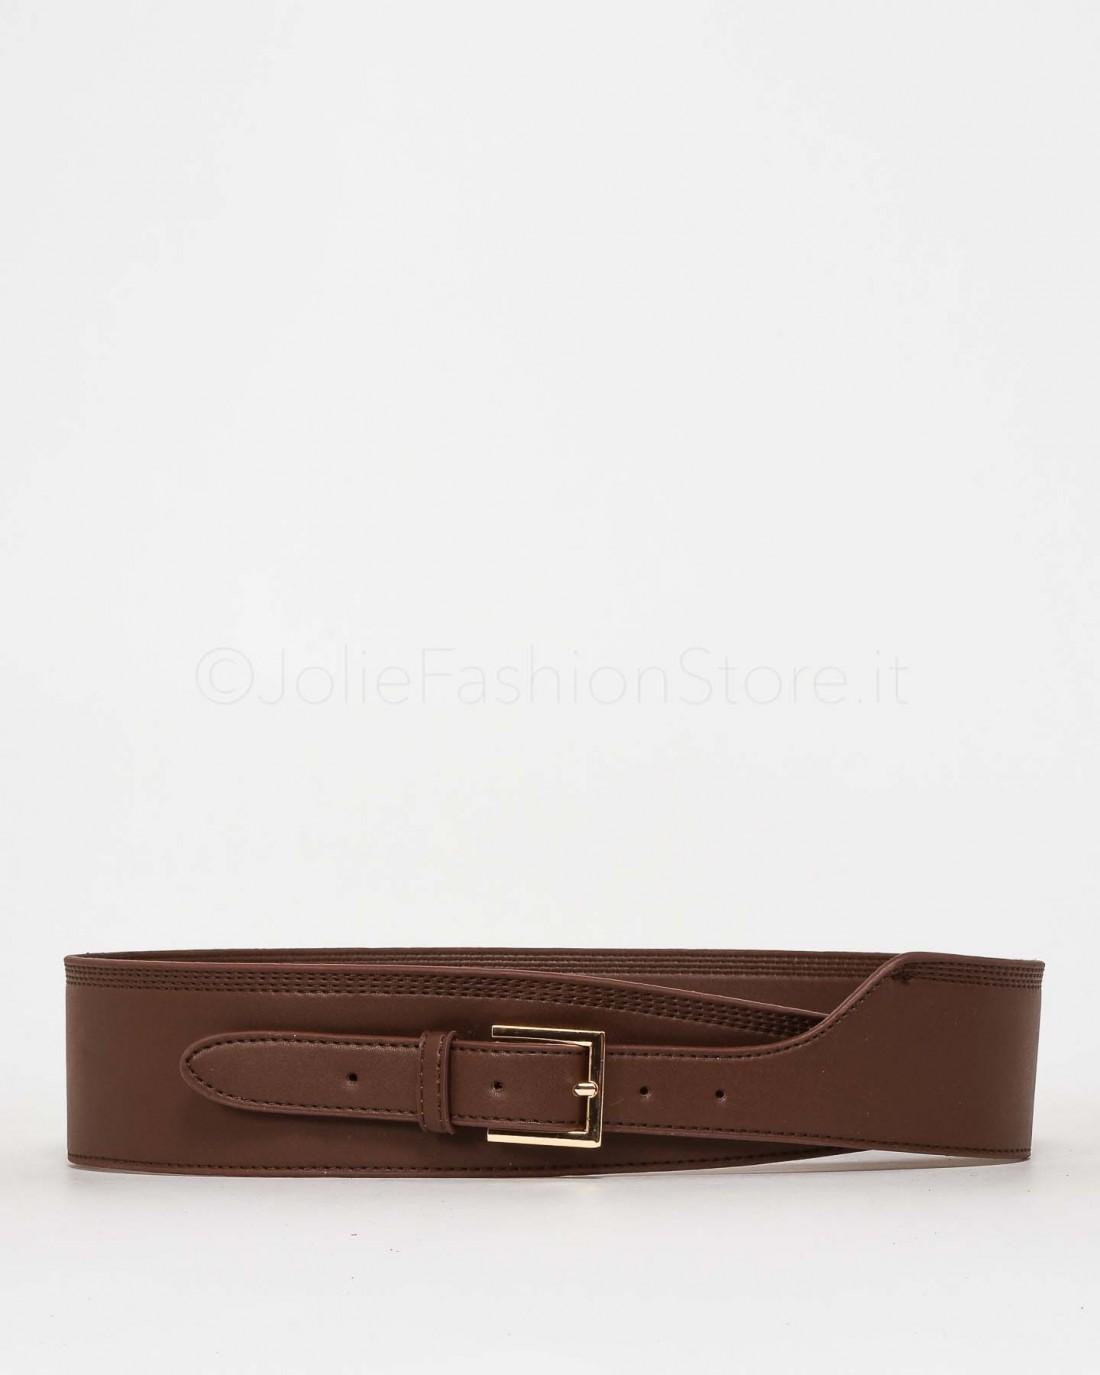 Anonyme Cintura Vita Alta Marrone  P201FX172 MARRONE